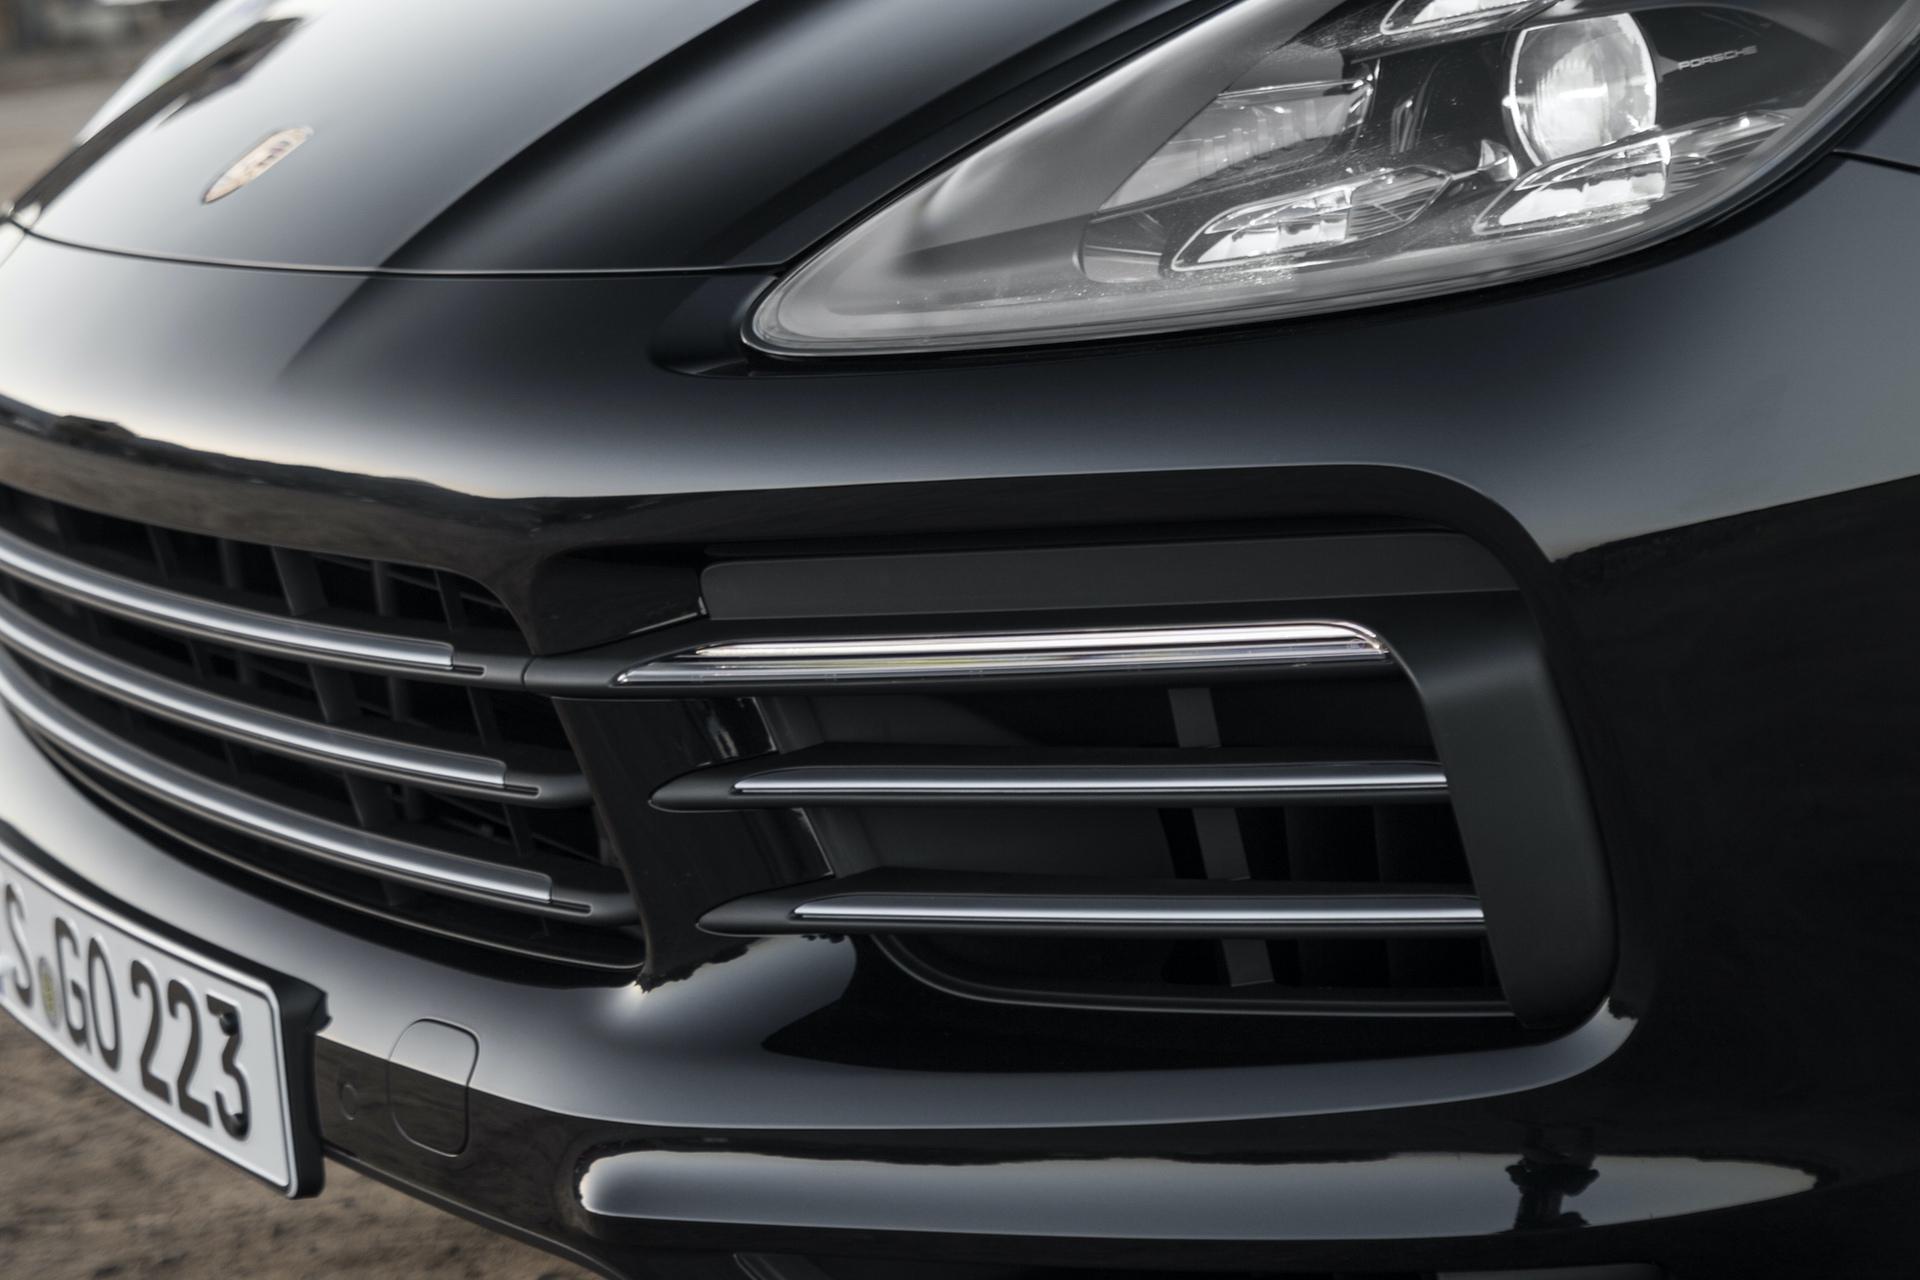 Test_Drive_Porsche_Cayenne_309